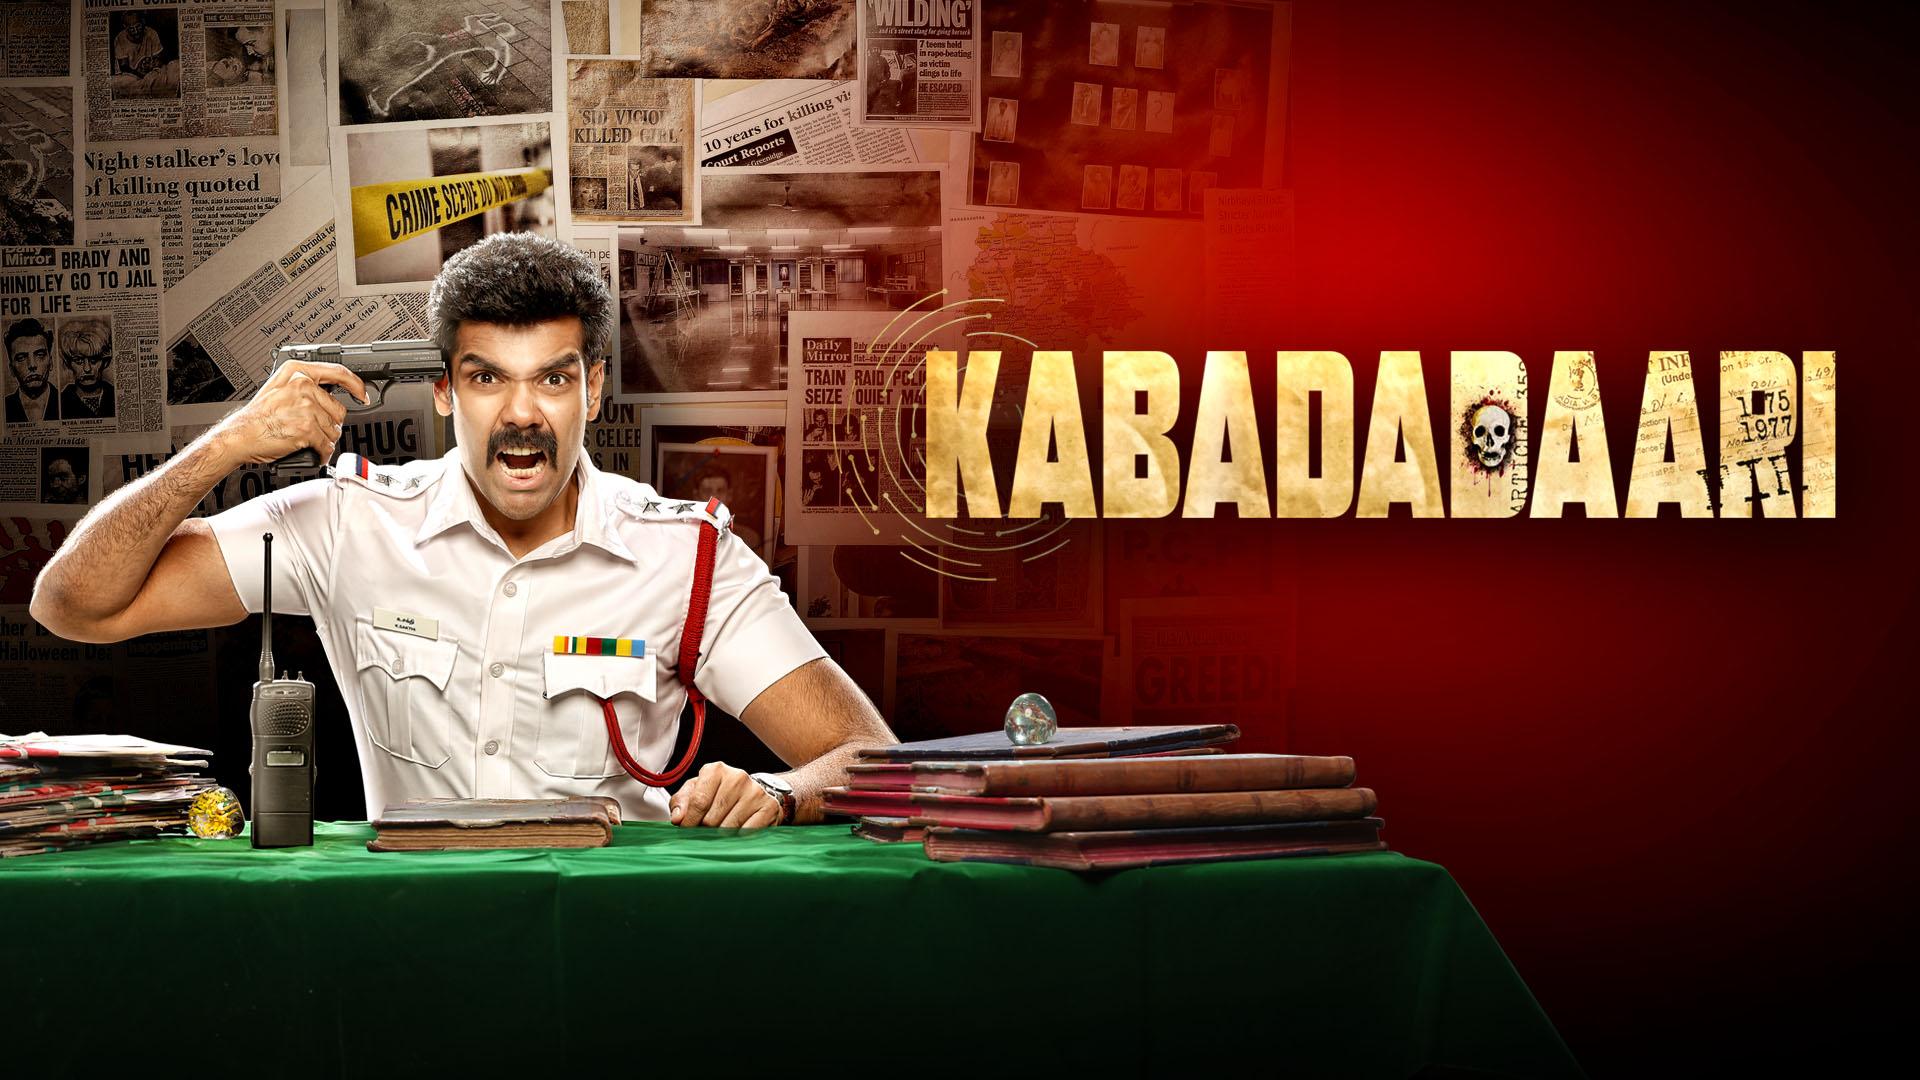 Kabadadaari